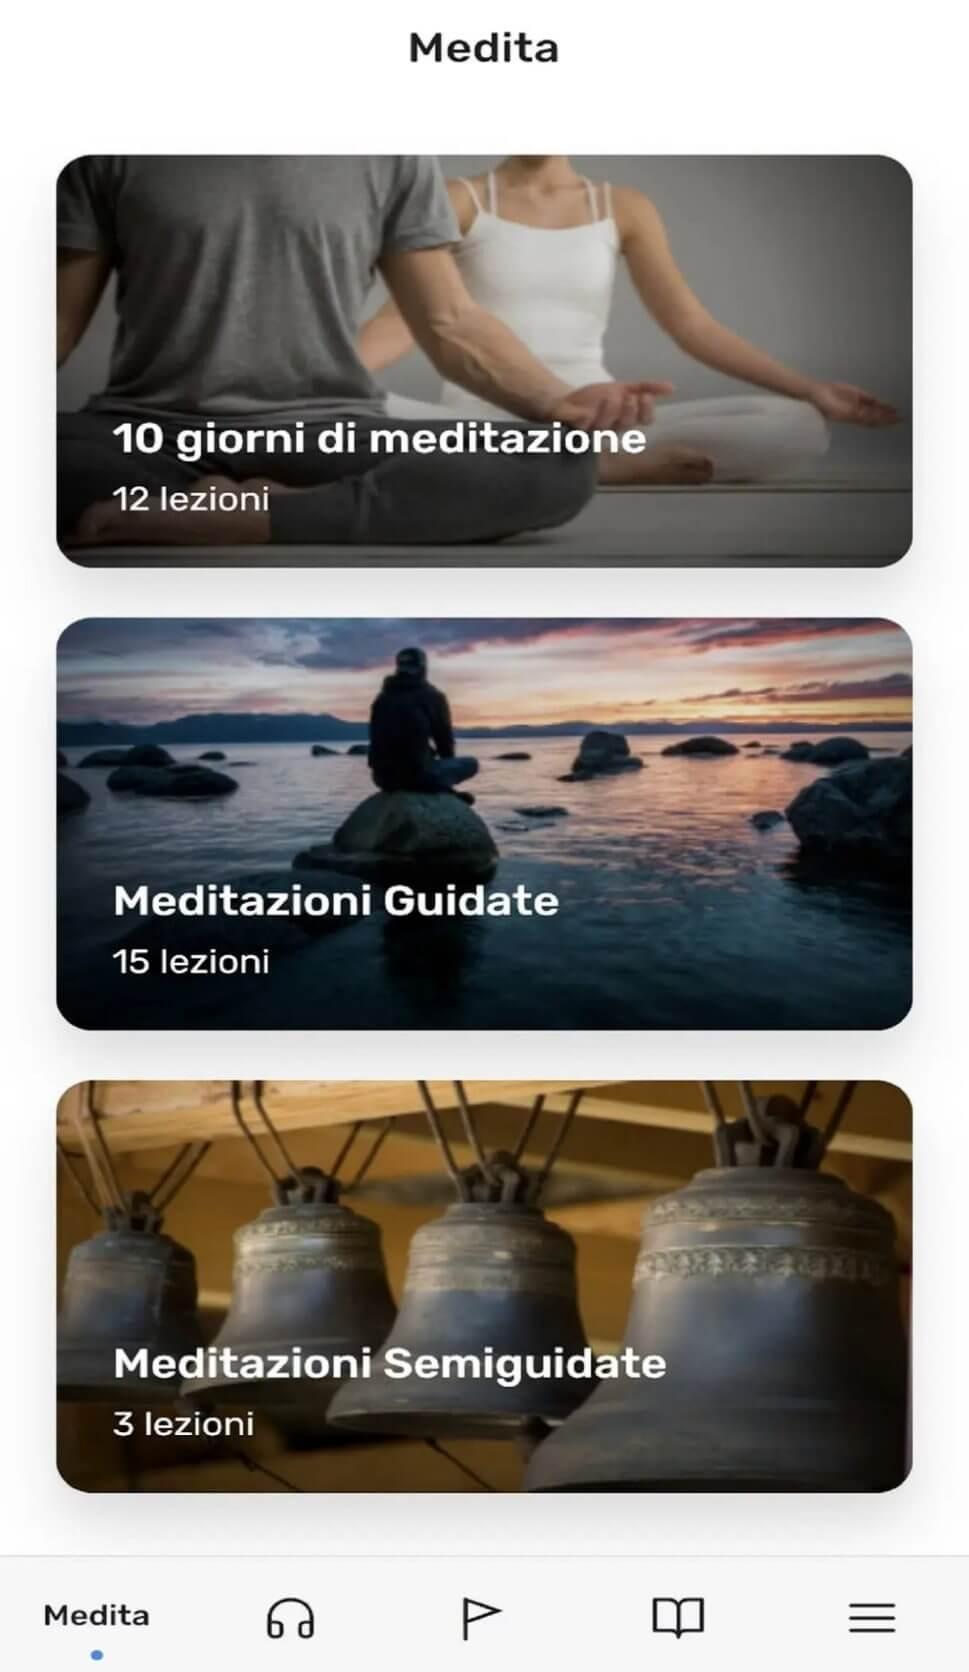 esercizi di meditazione e rilassamento dell'app clarity